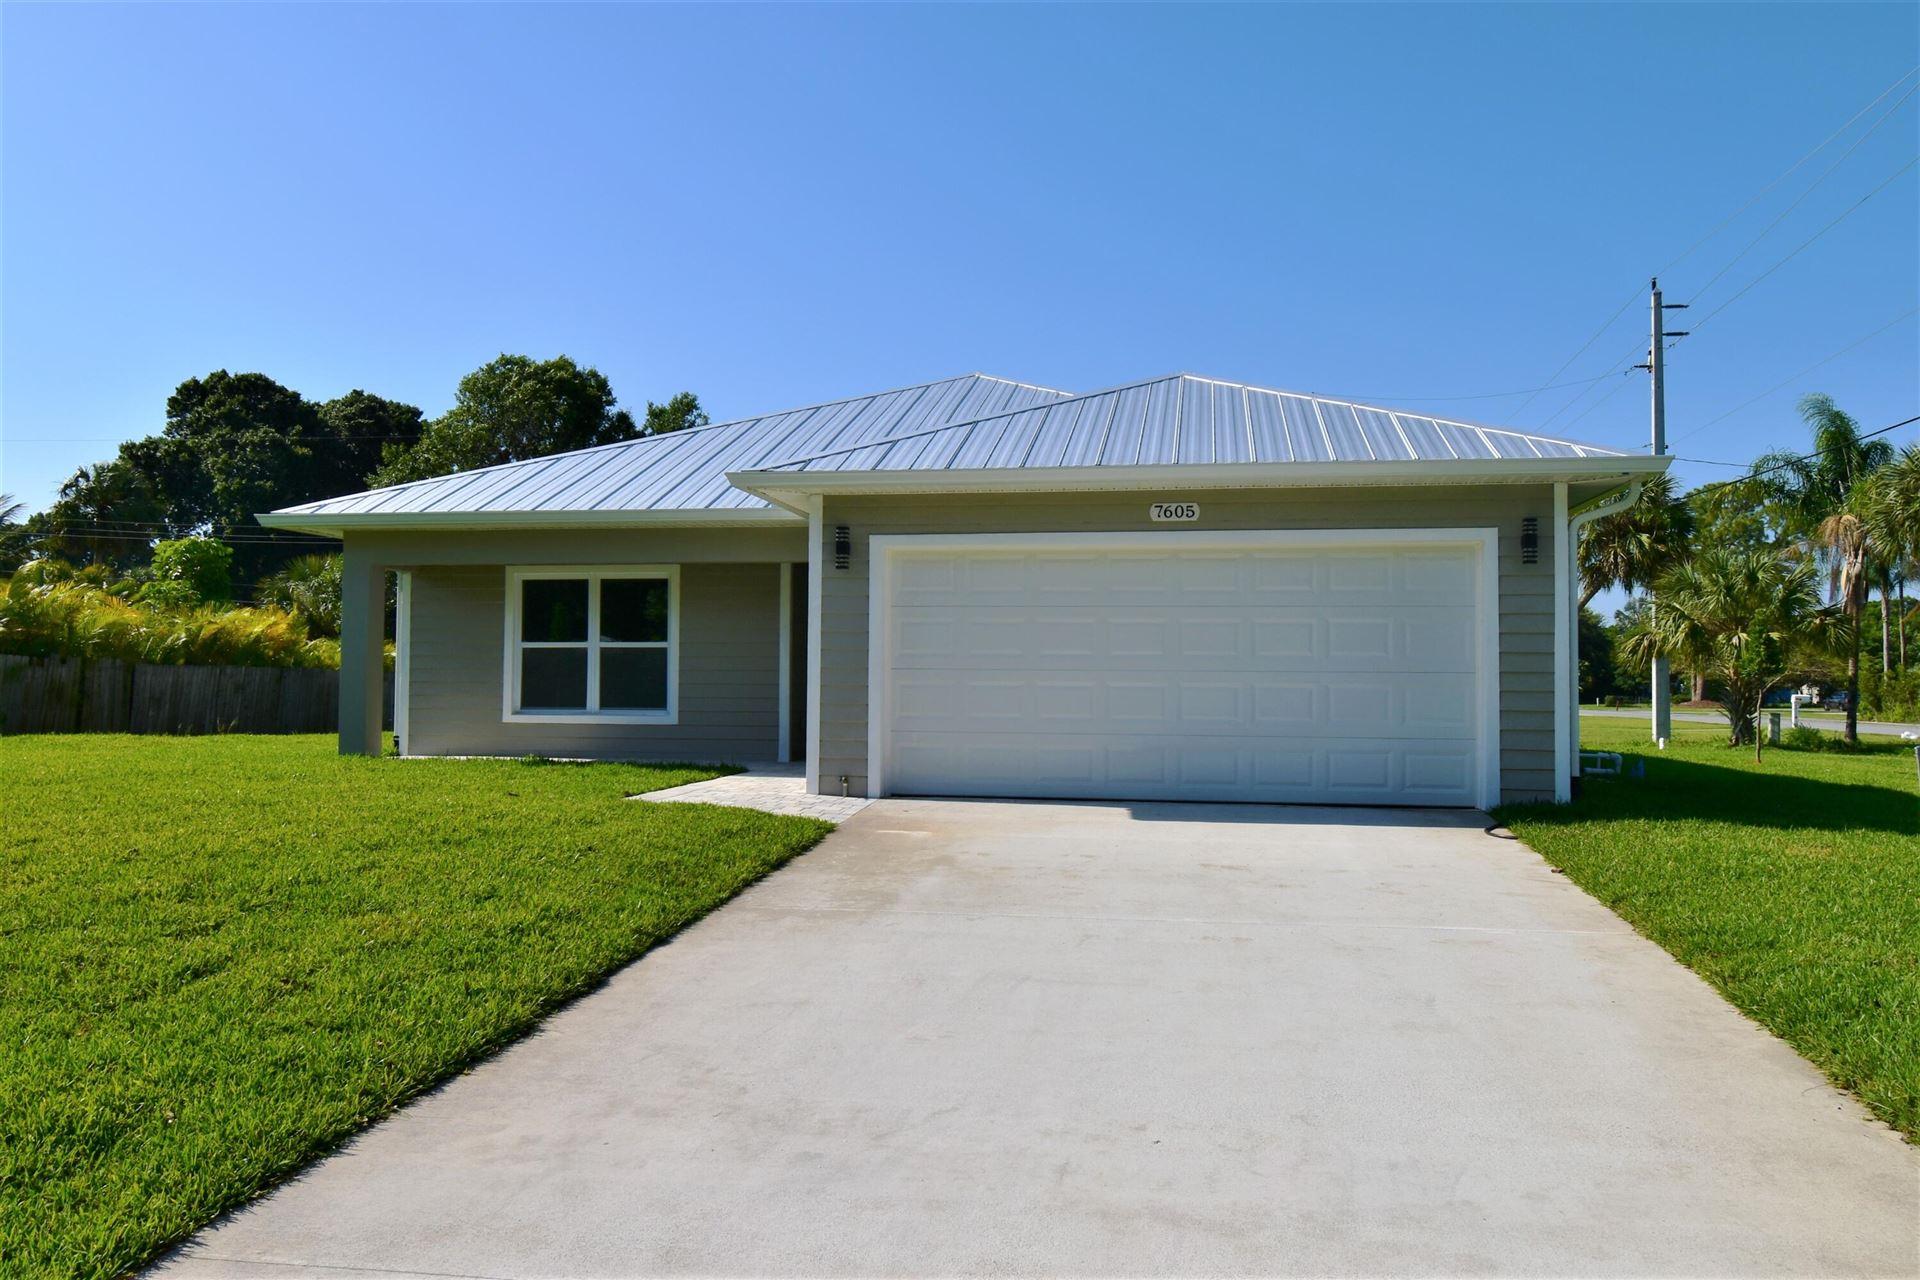 7605 Roberts Road, Fort Pierce, FL 34951 - #: RX-10710634